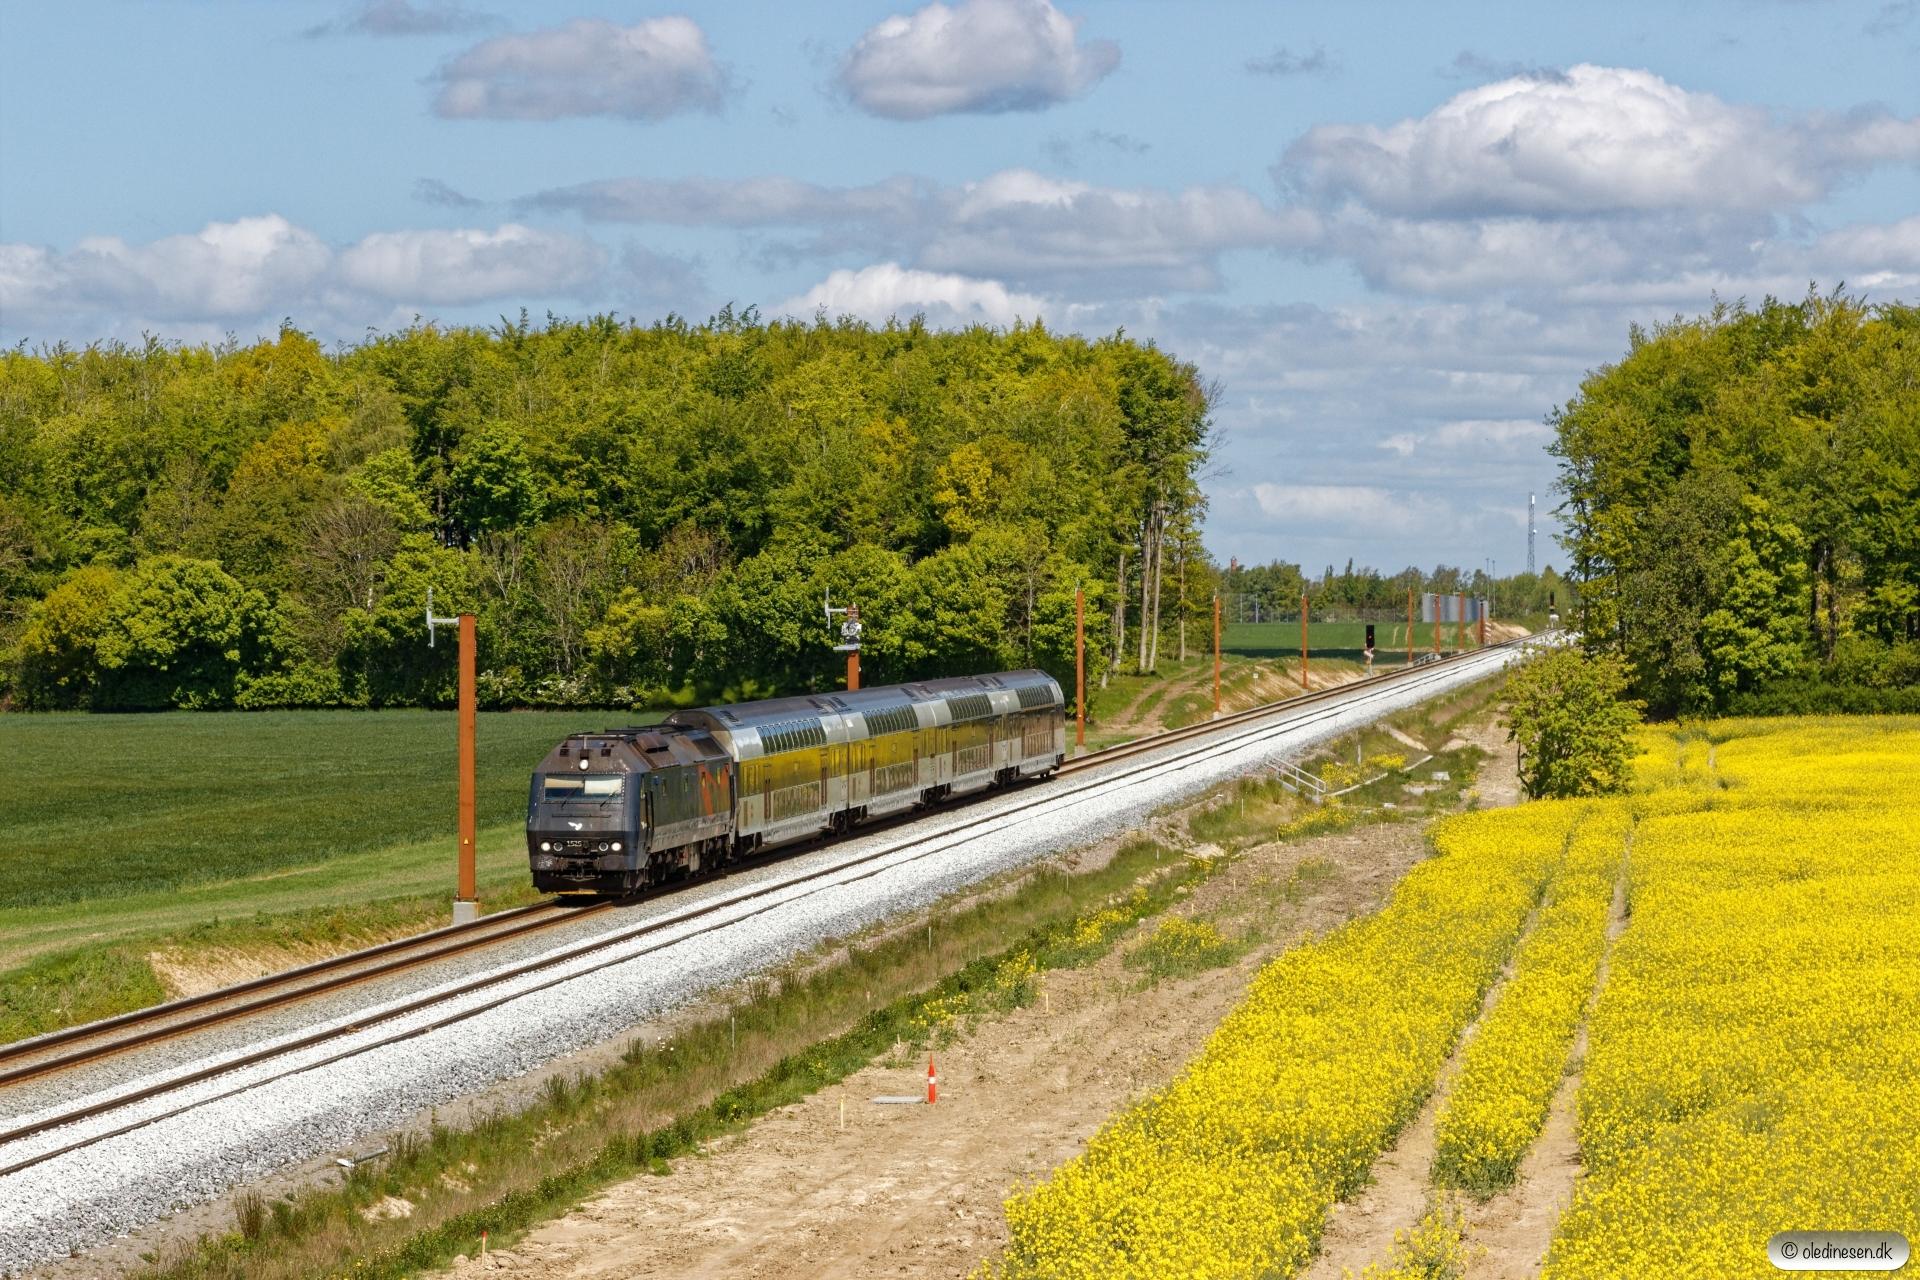 DSB ME 1525 med RØ 4841 Kj-Nf. Km 134,2 Kh (Nørre Alslev-Eskilstrup) 14.05.2020.